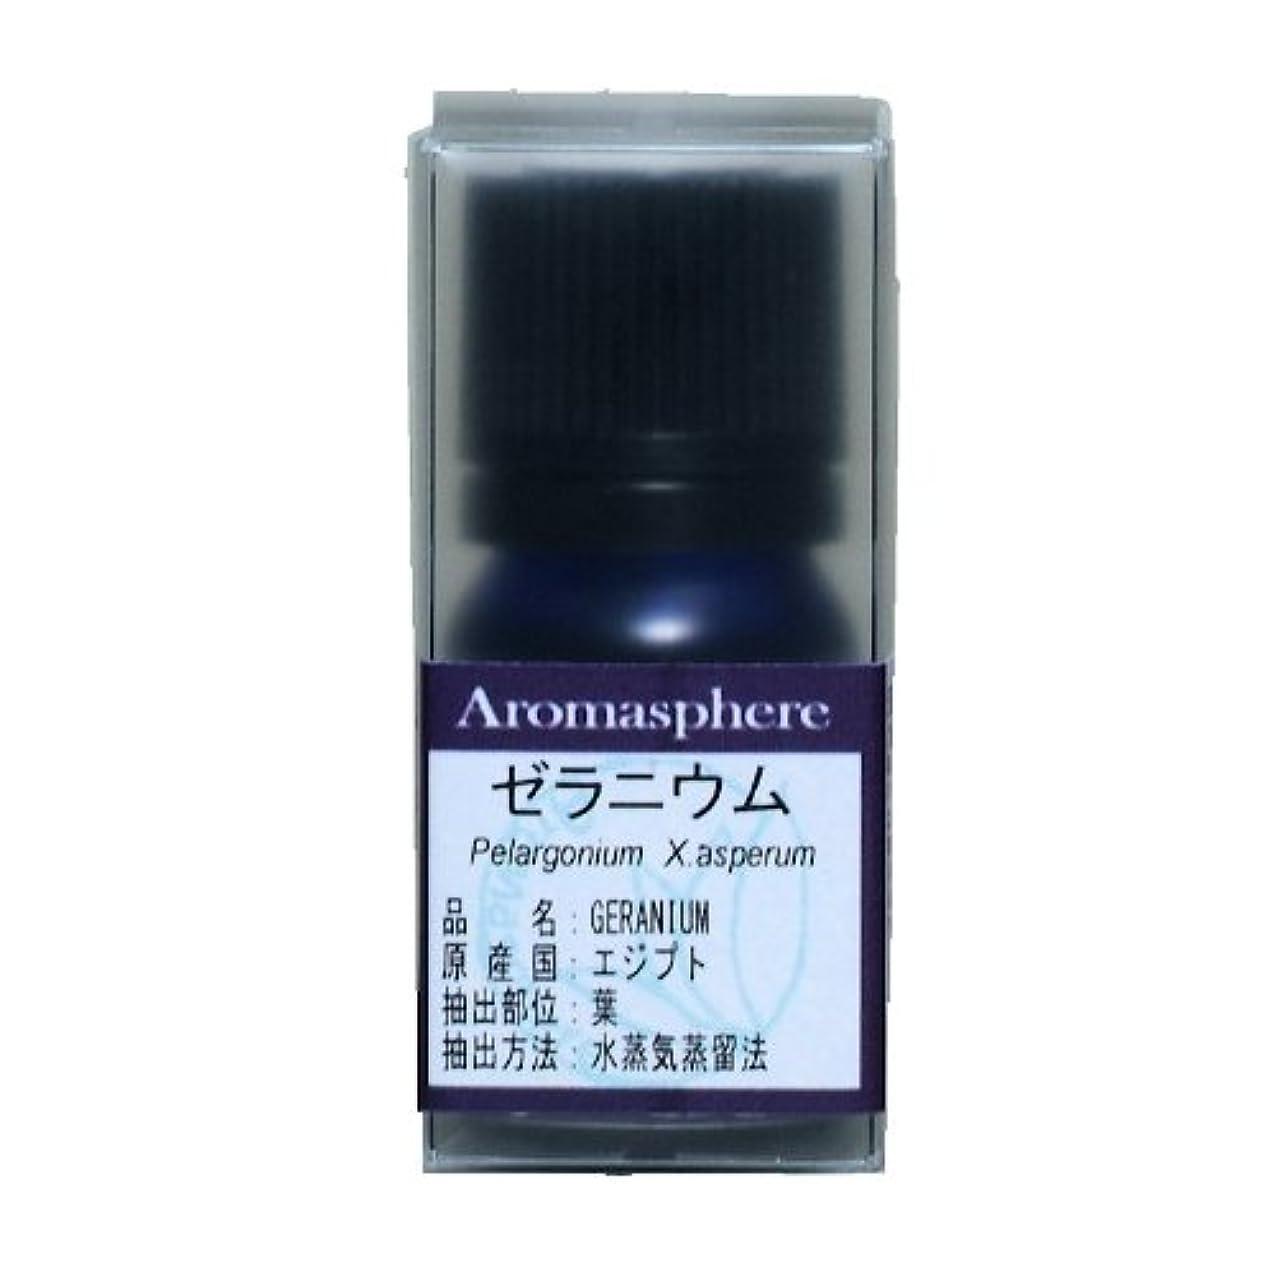 包帯引くジャングル【アロマスフィア】ゼラニウム 5ml エッセンシャルオイル(精油)